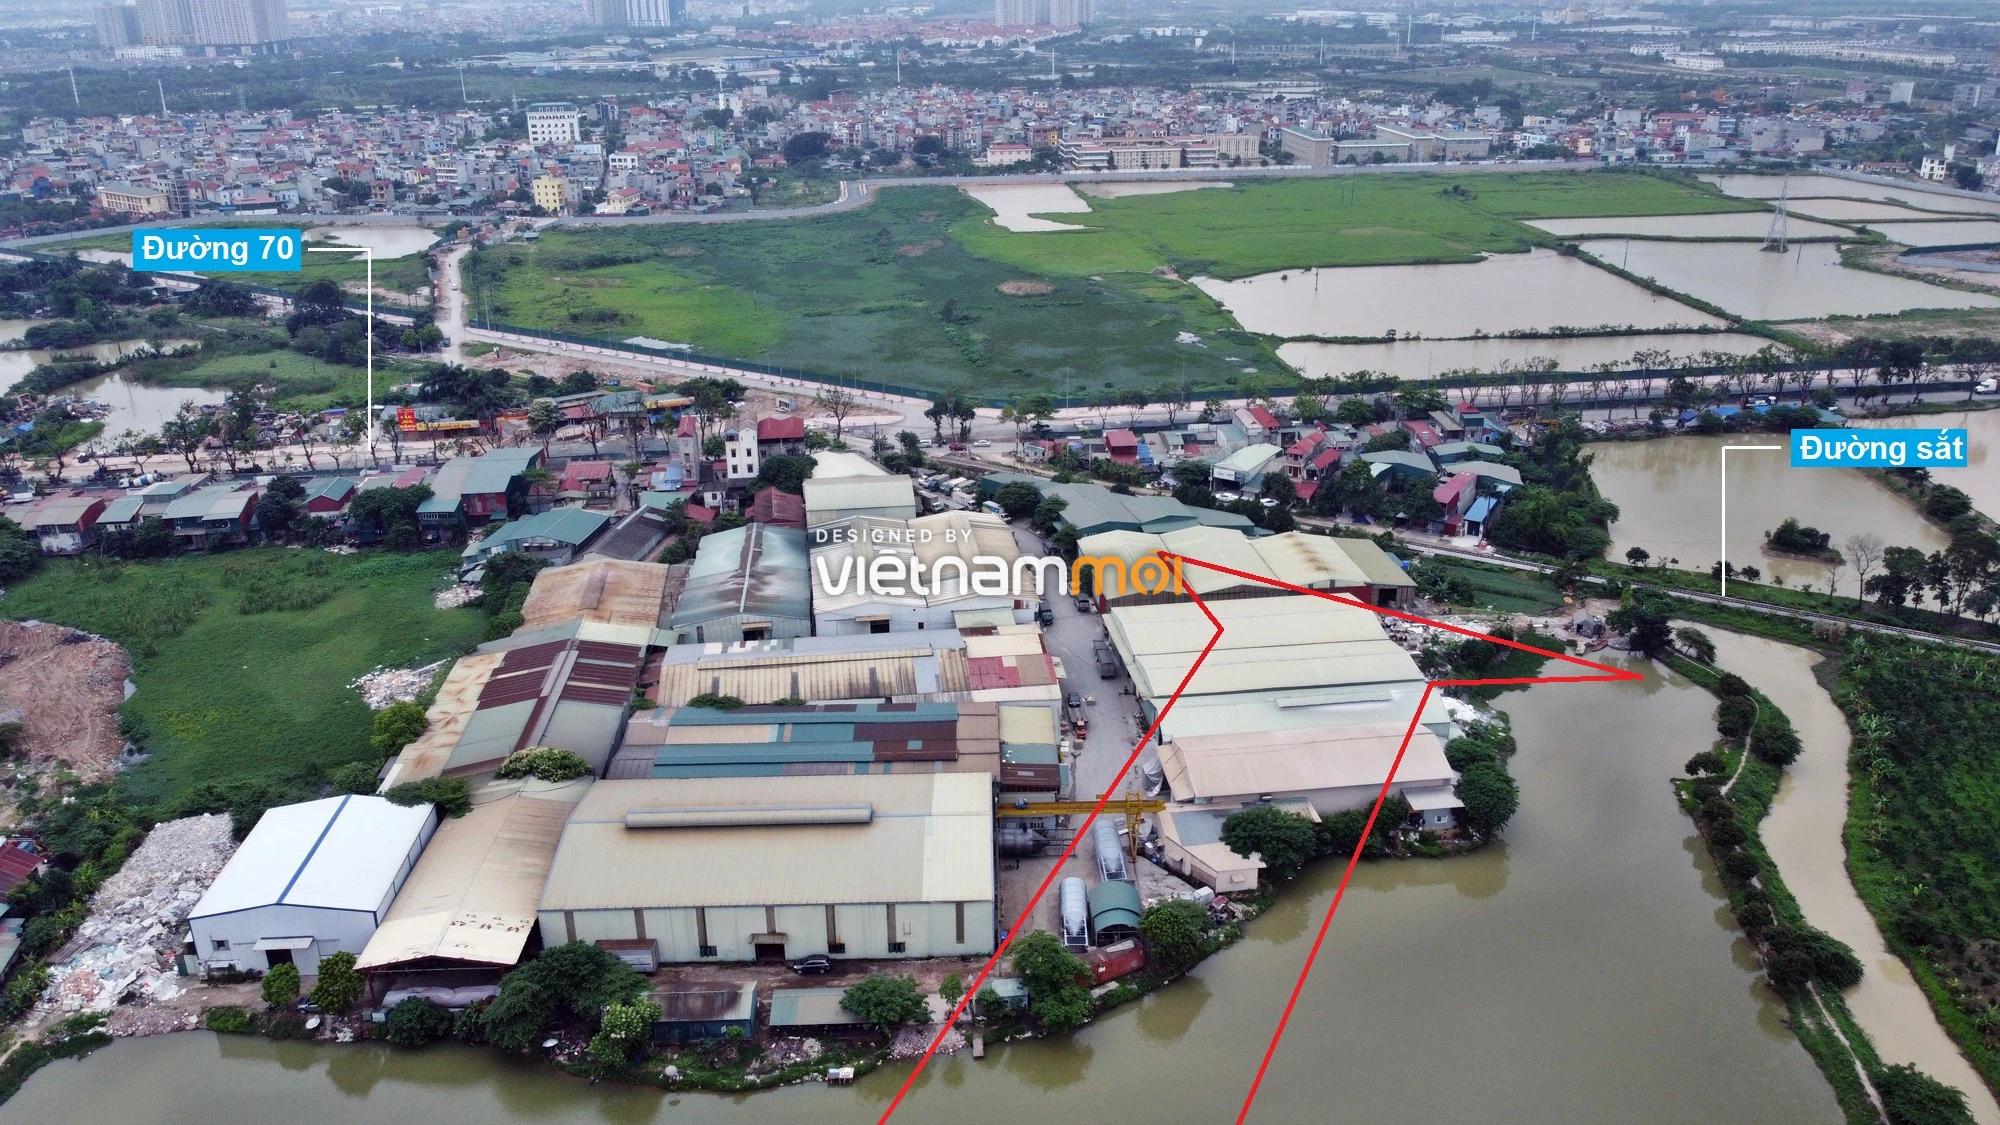 Những khu đất sắp thu hồi để mở đường ở phường Tây Mỗ, Nam Từ Liêm, Hà Nội (phần 2) - Ảnh 14.